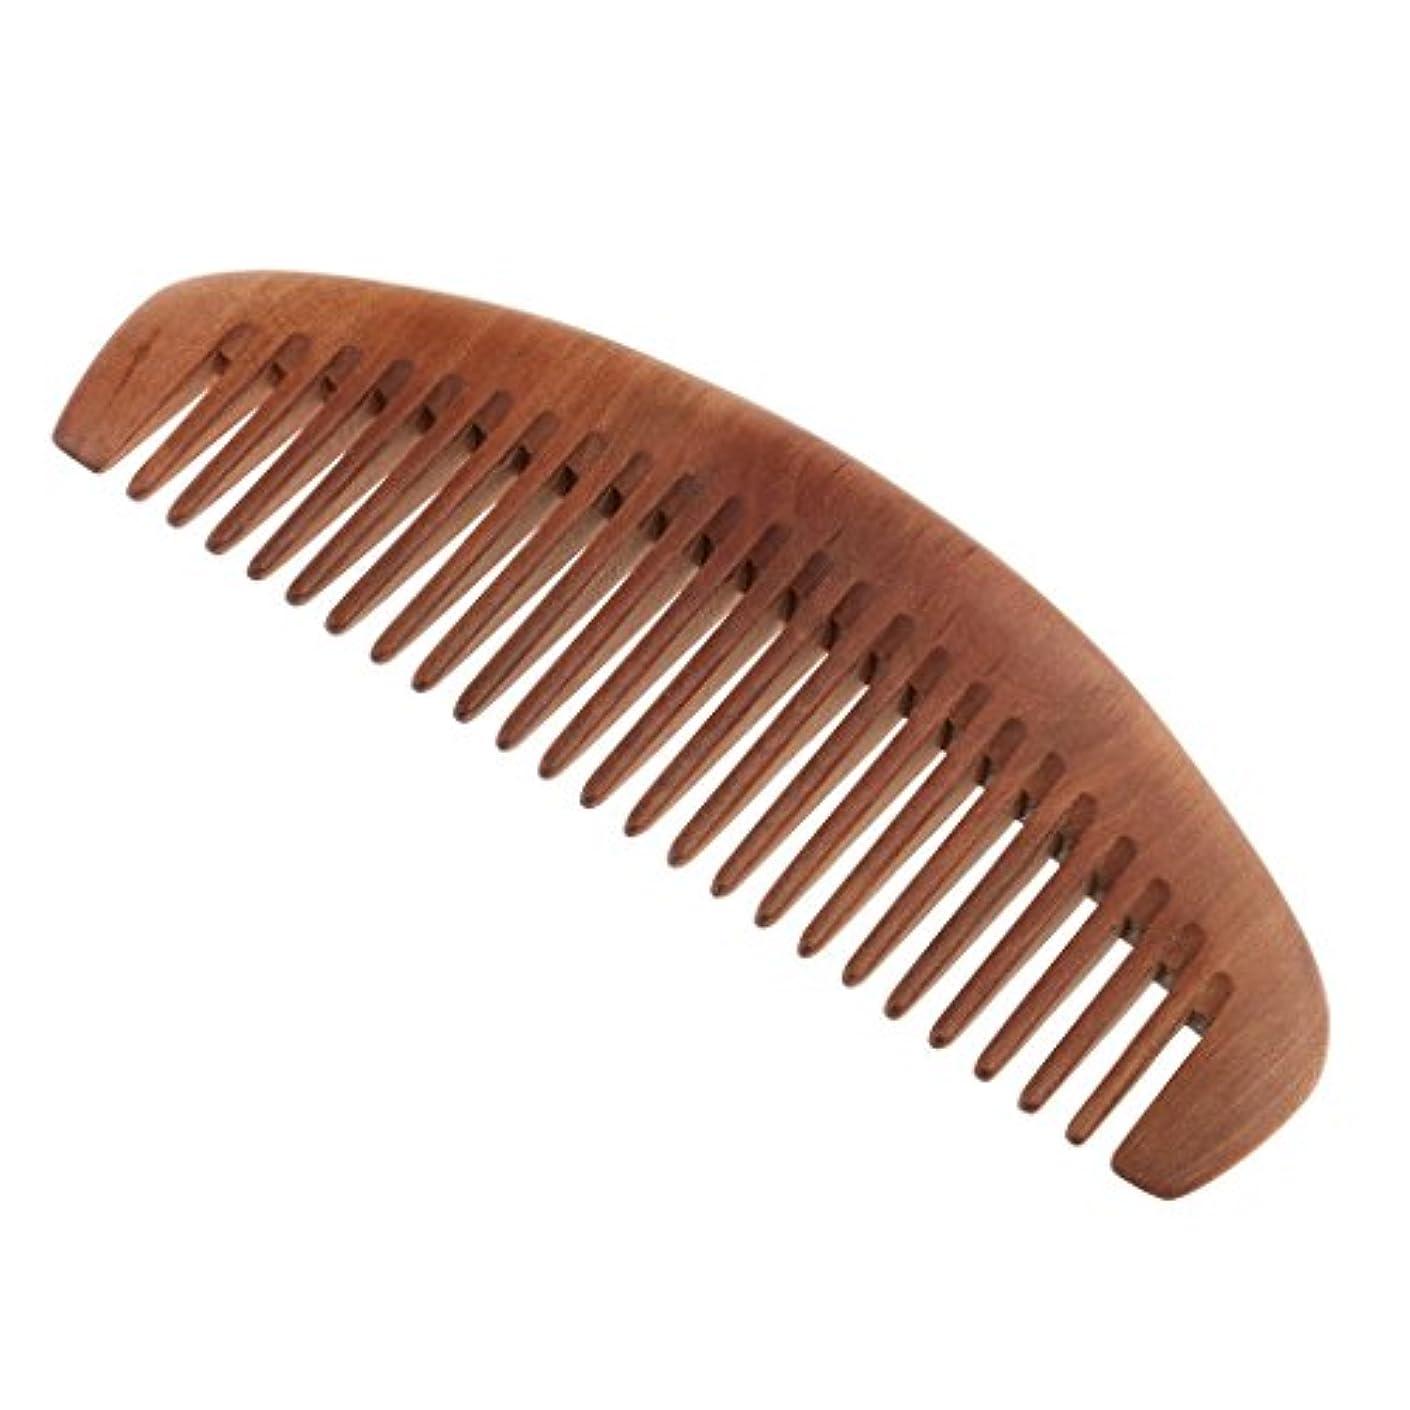 副産物共同選択簡単な木製櫛 アンチスタティック 頭皮マッサージ 桃の木 歯 ヘアケア 櫛マッサージ 静電気防止 全2種類 - ワイド歯